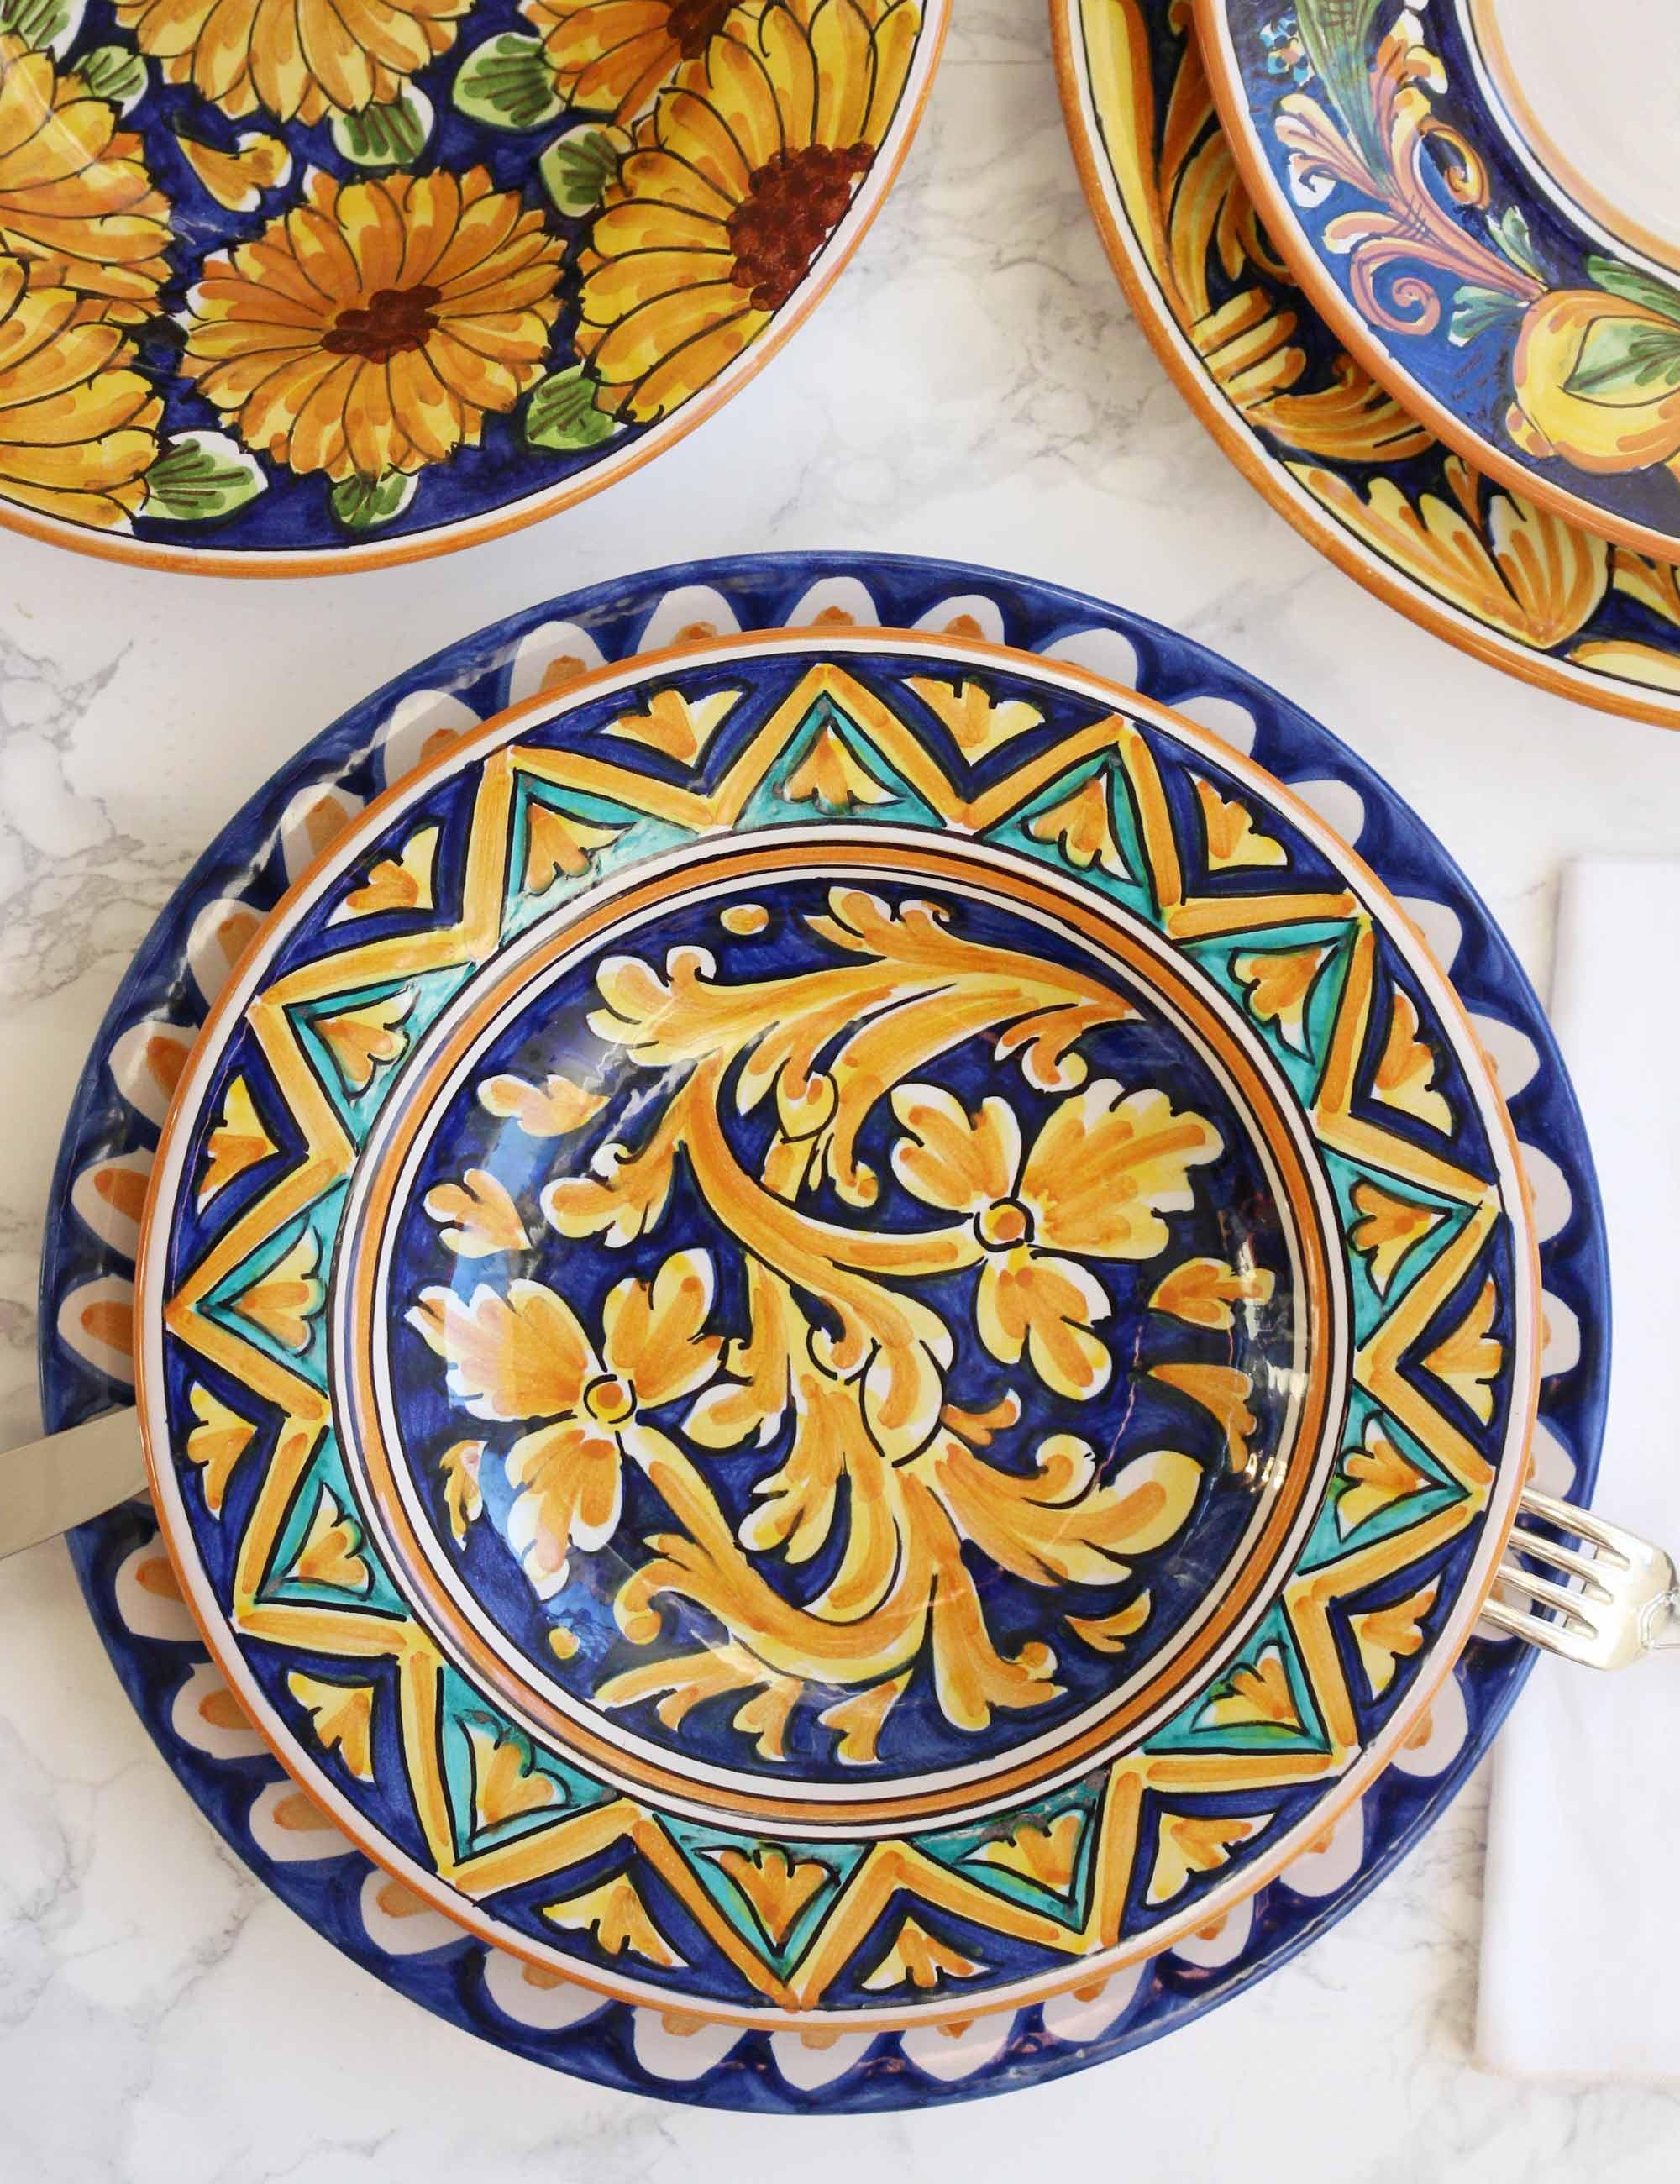 Piatto fondo in ceramica siciliana decorata di Caltagirone